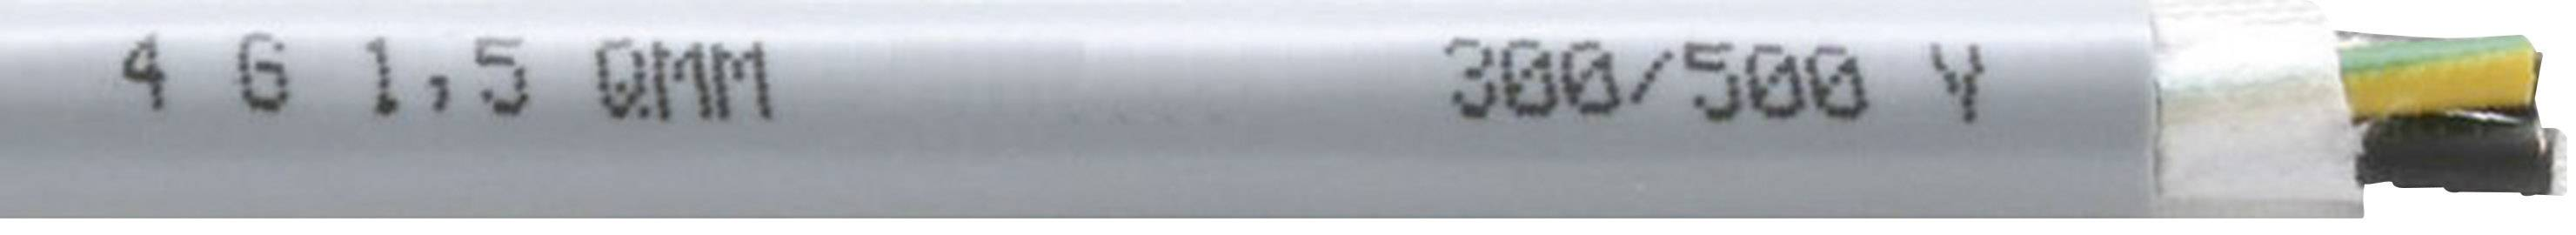 Tažný kabel Faber Kabel EFK 310 Y 310 UL/CSA-SCHLEPPLTG.PVC/PVC (035442), 3x 1 mm², PVC, Ø 7,2 mm, nestíněný,